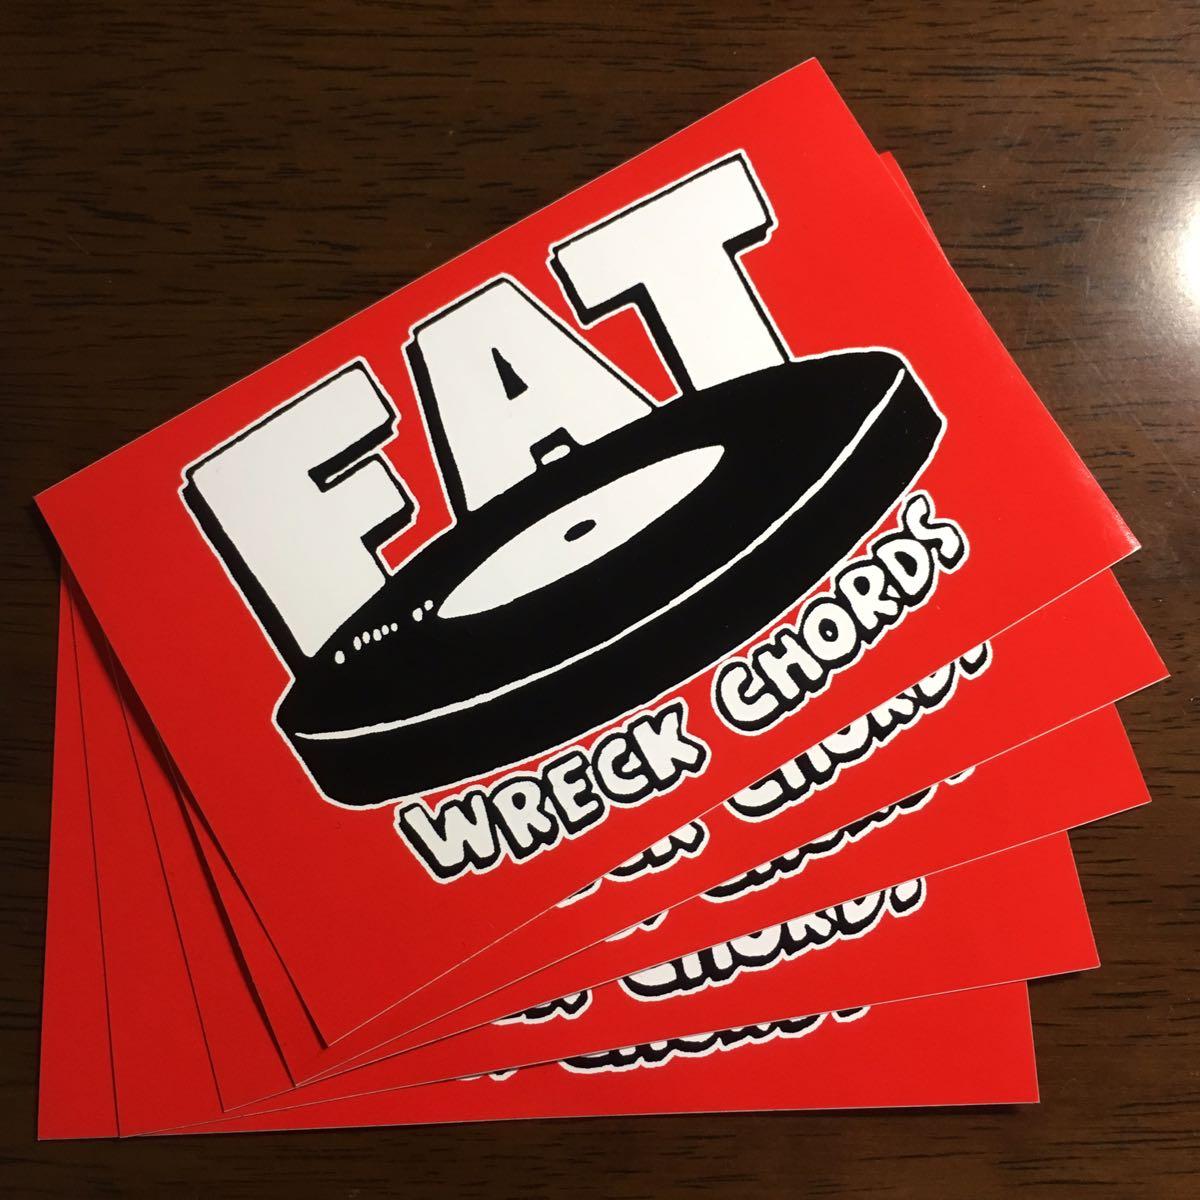 5枚セット!FAT WRECK CHORDS ステッカー / pizza of death hi standard wanima nofx